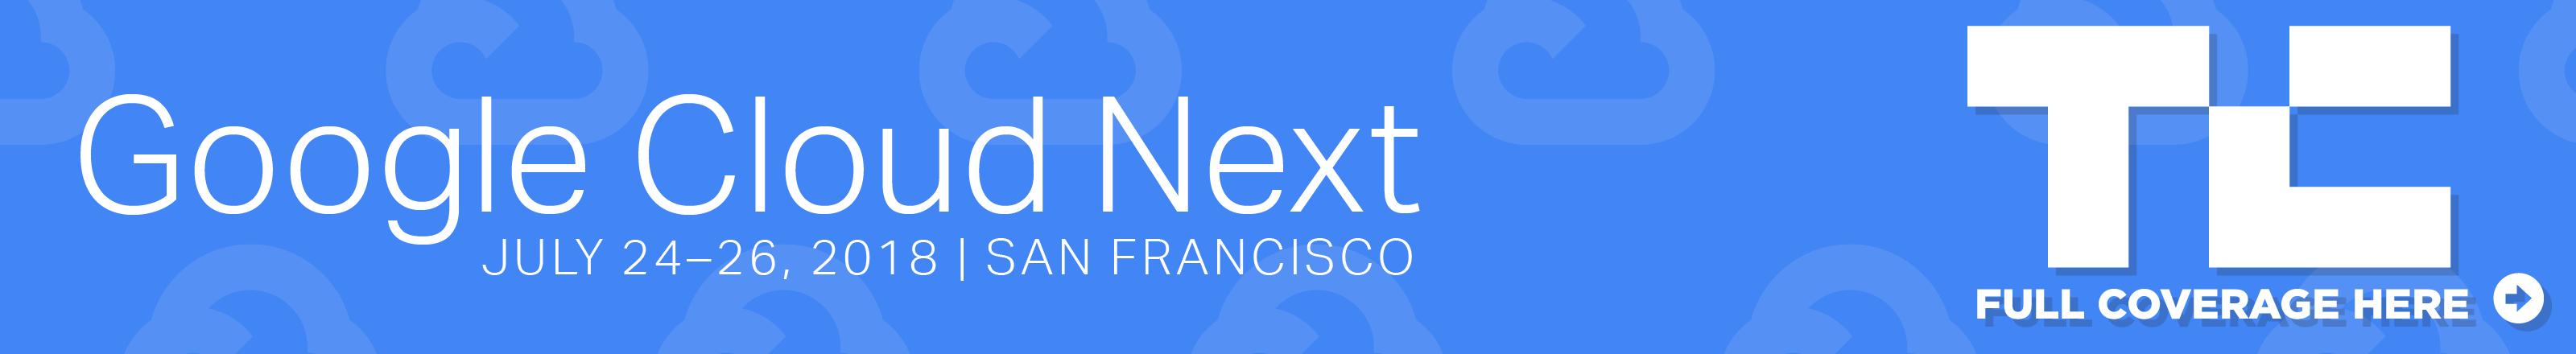 google cloud next 2018 banner 5